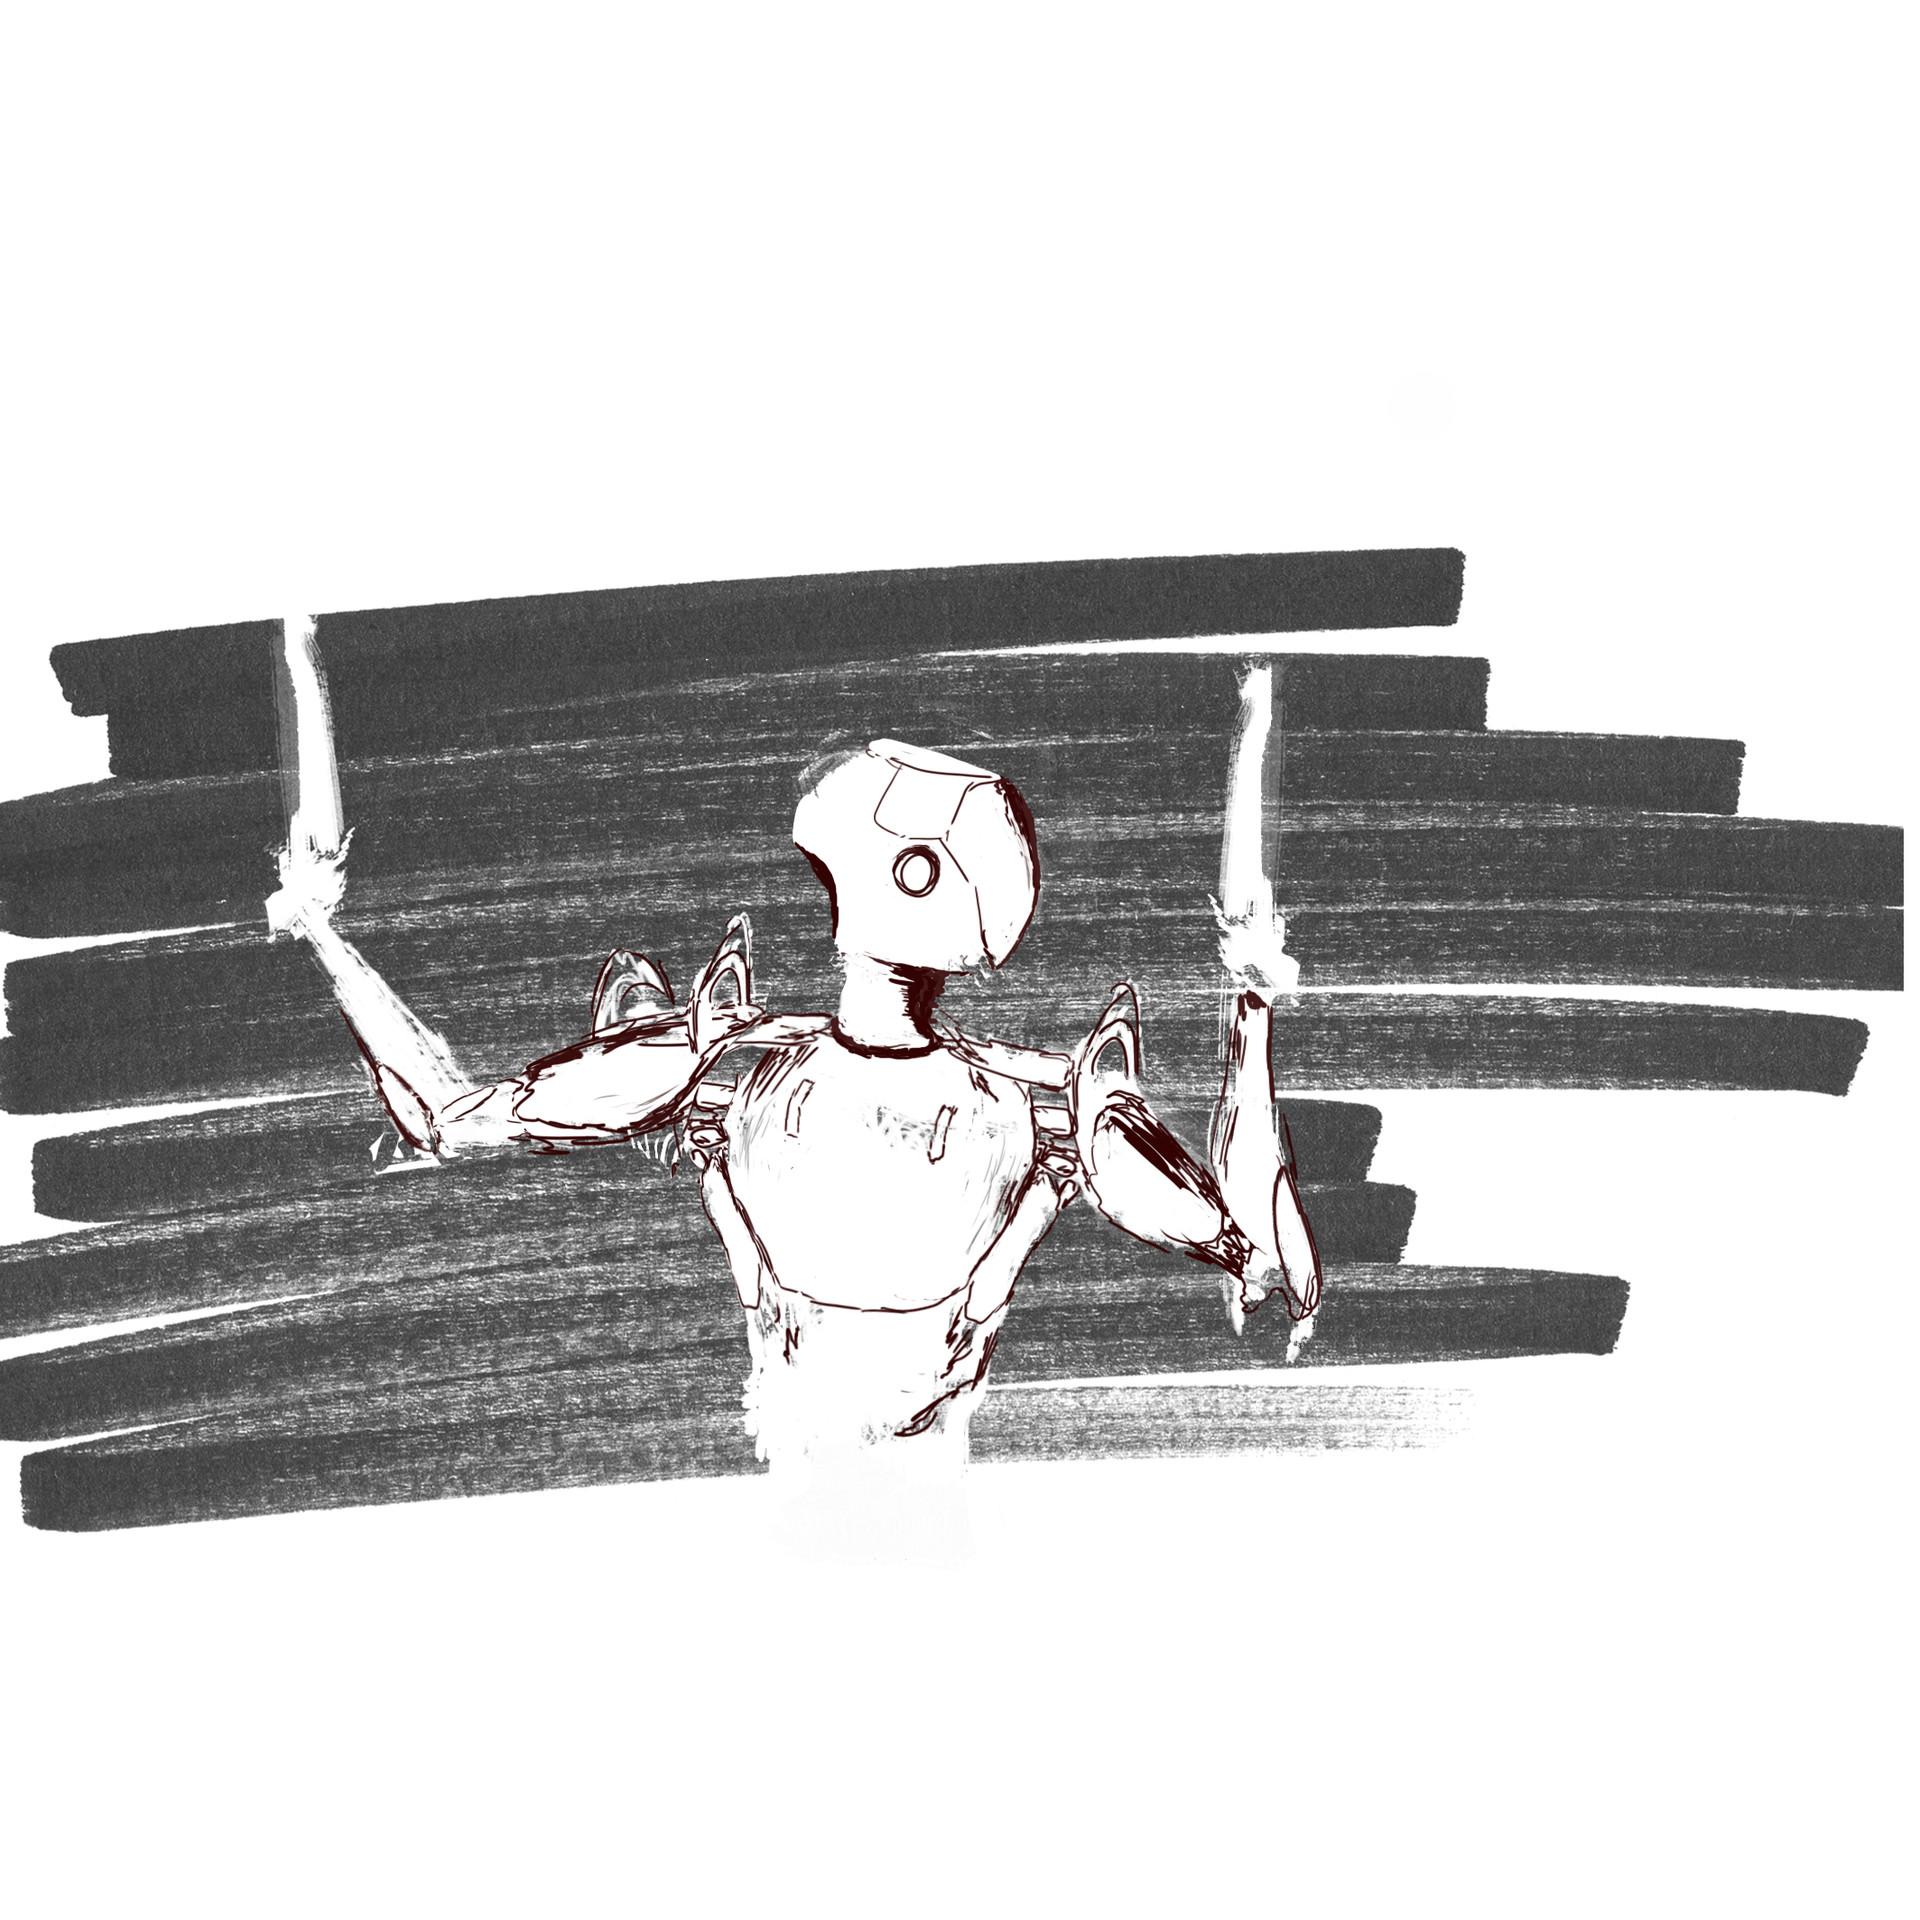 Caglar ozen robotic 004